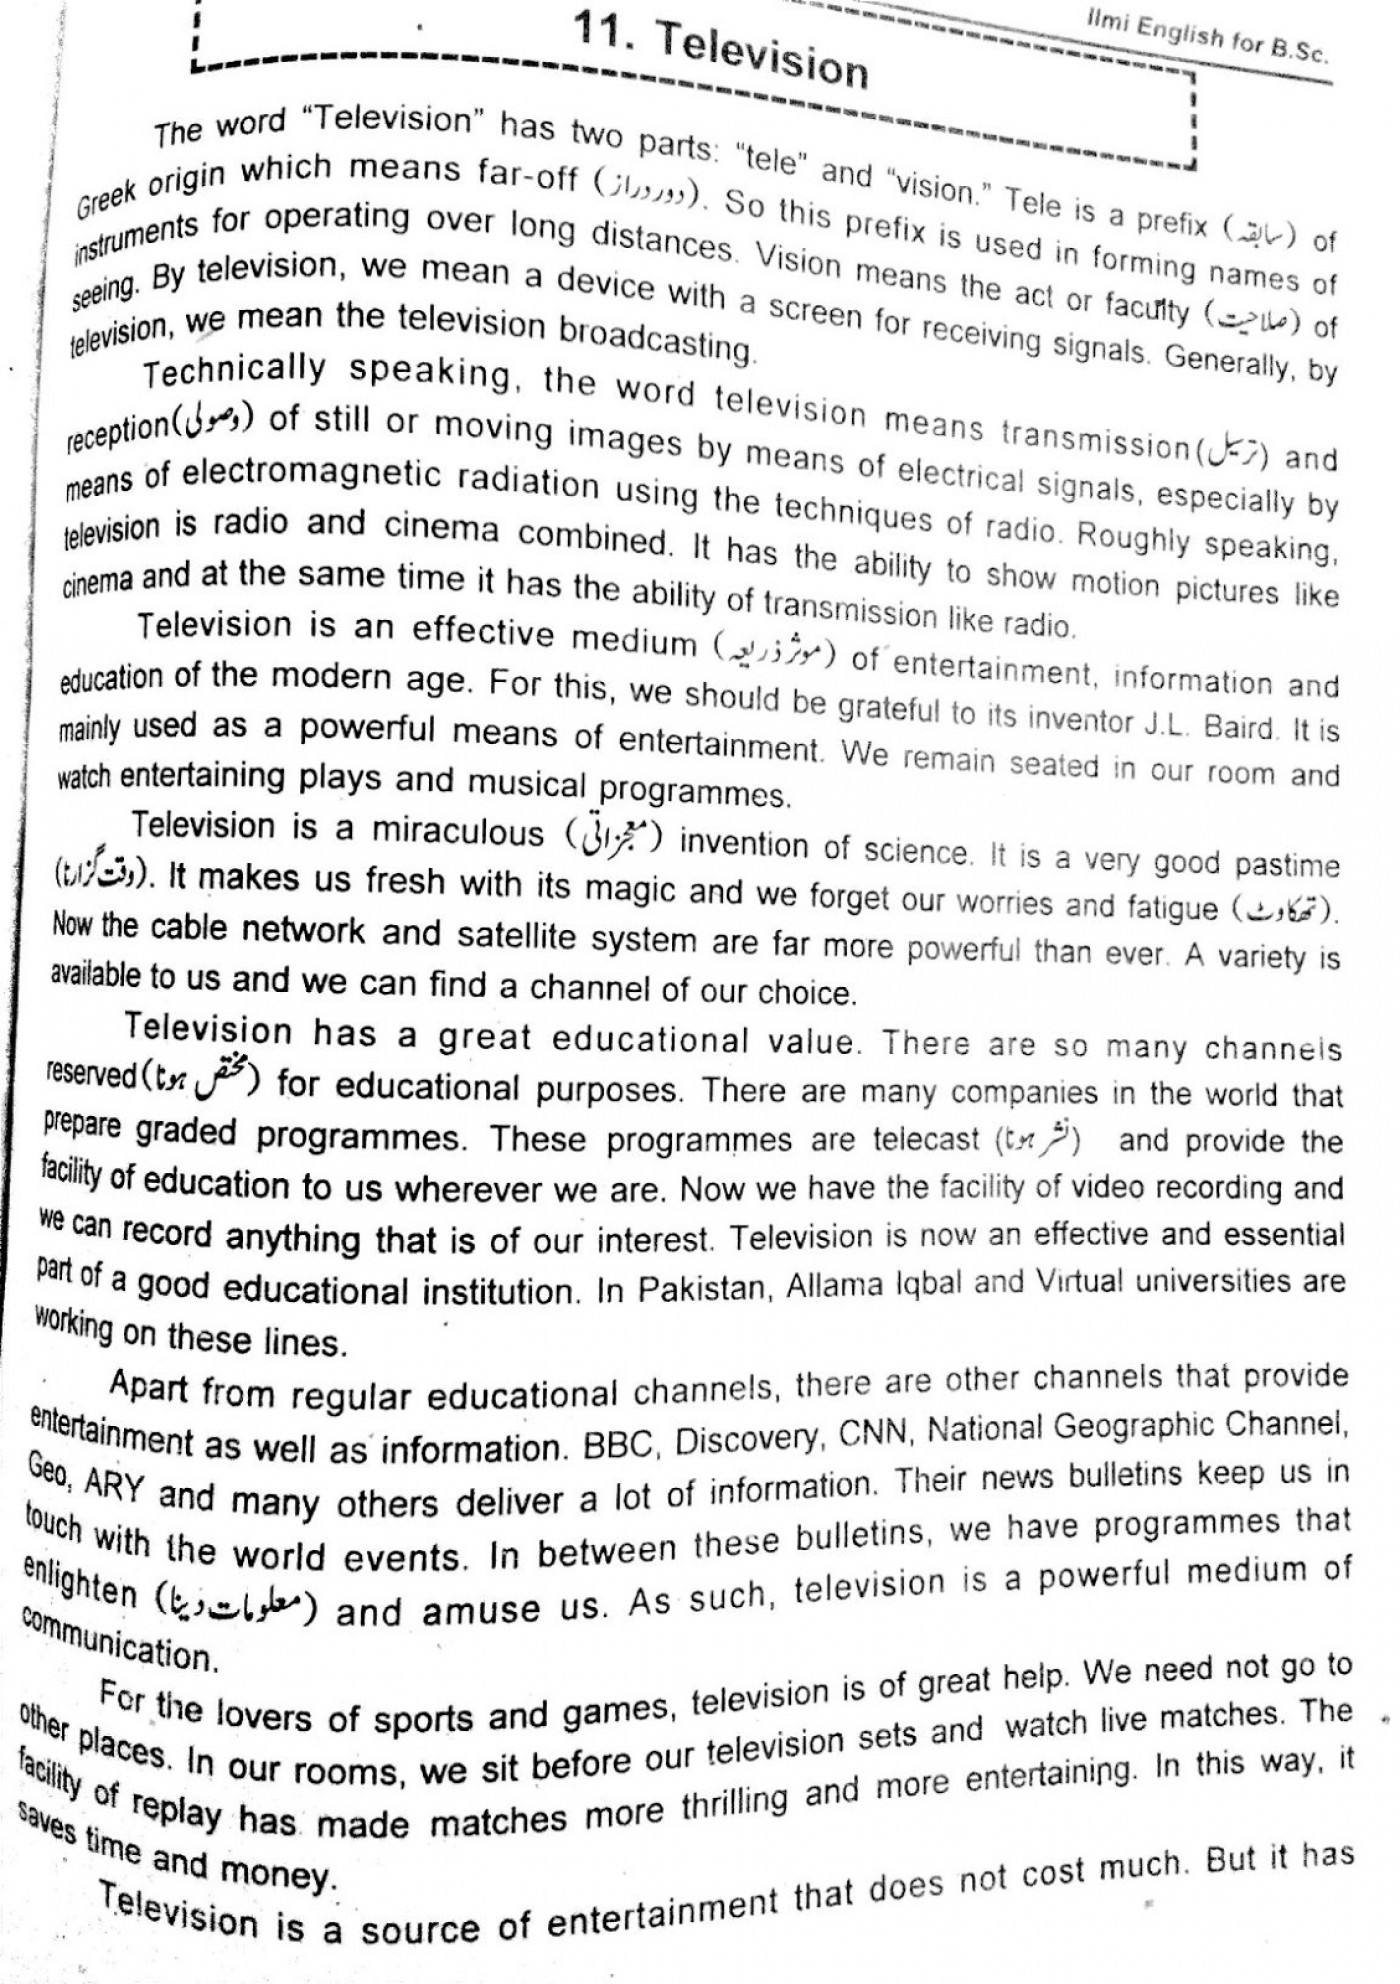 017 Advantages Formal Education Essay Example Stupendous 1400